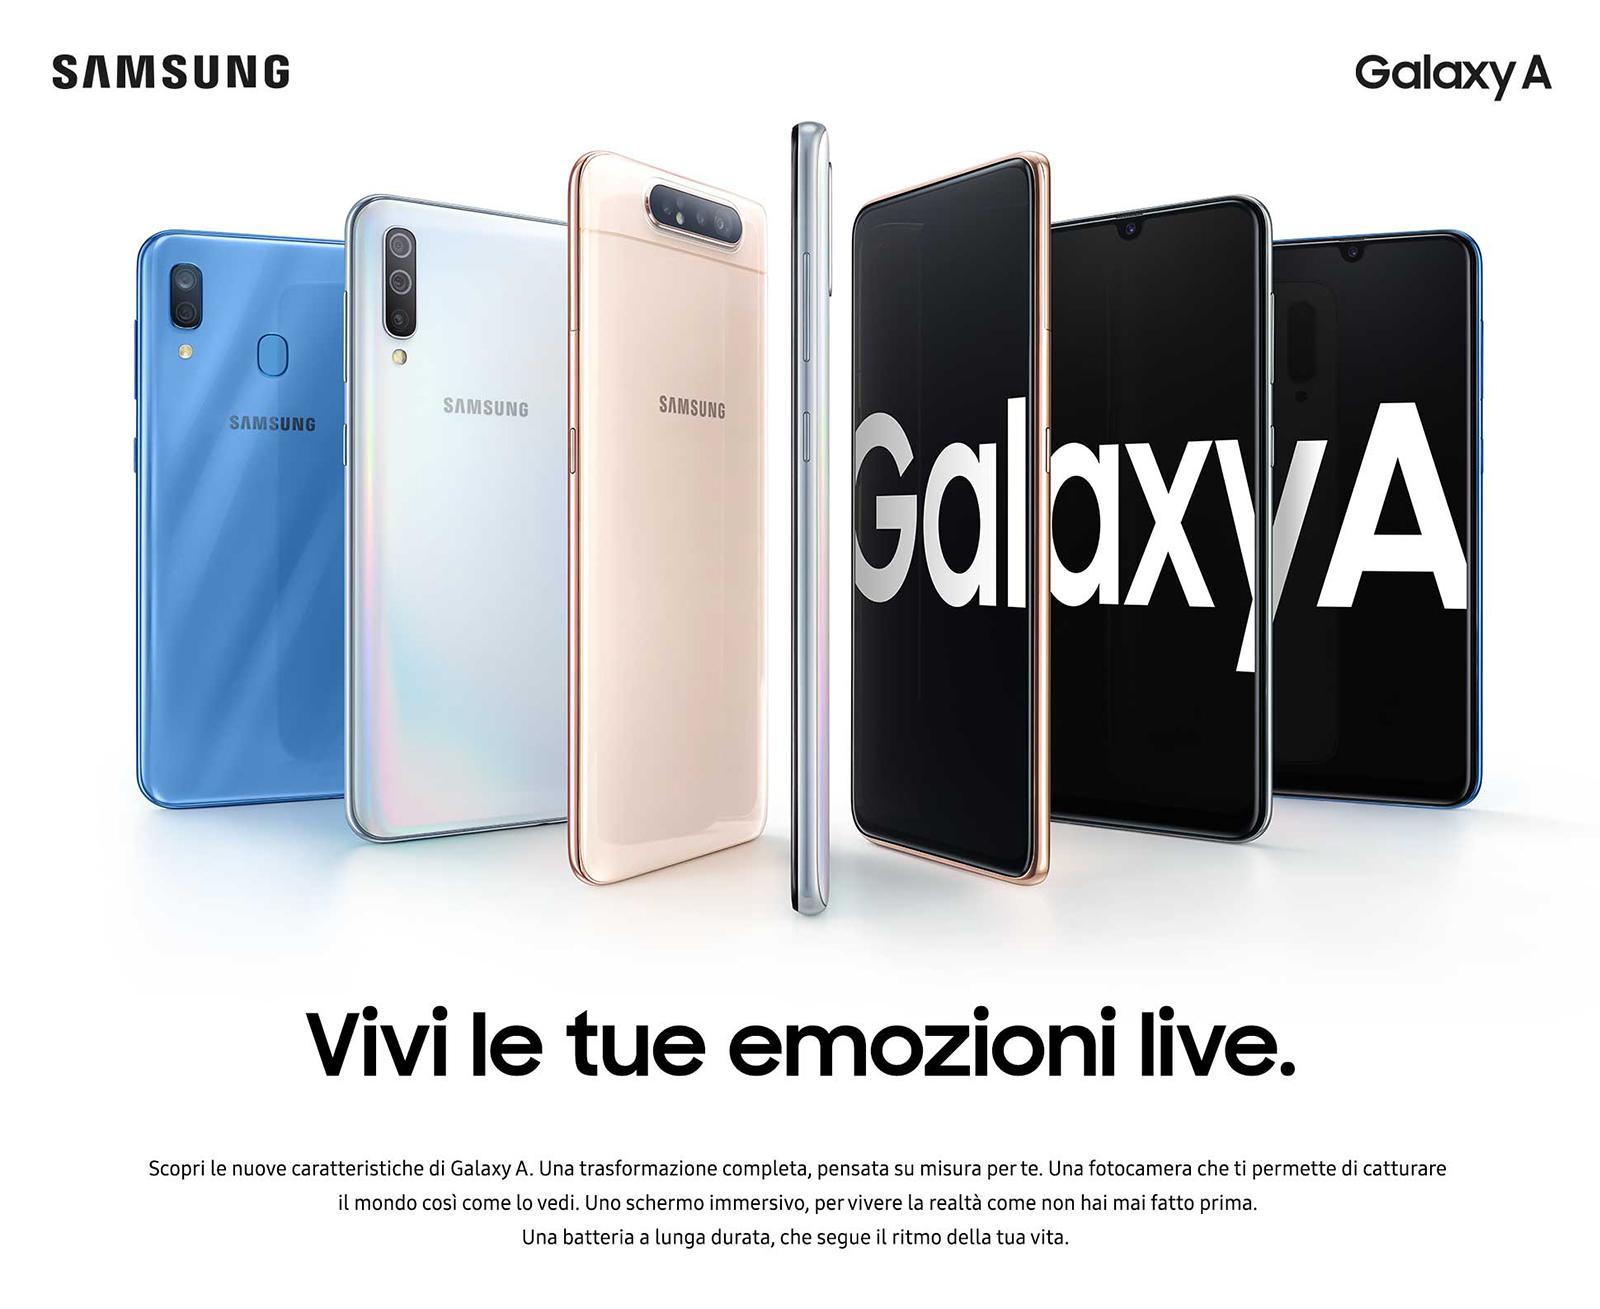 cover samsung galaxy a5 unieuro